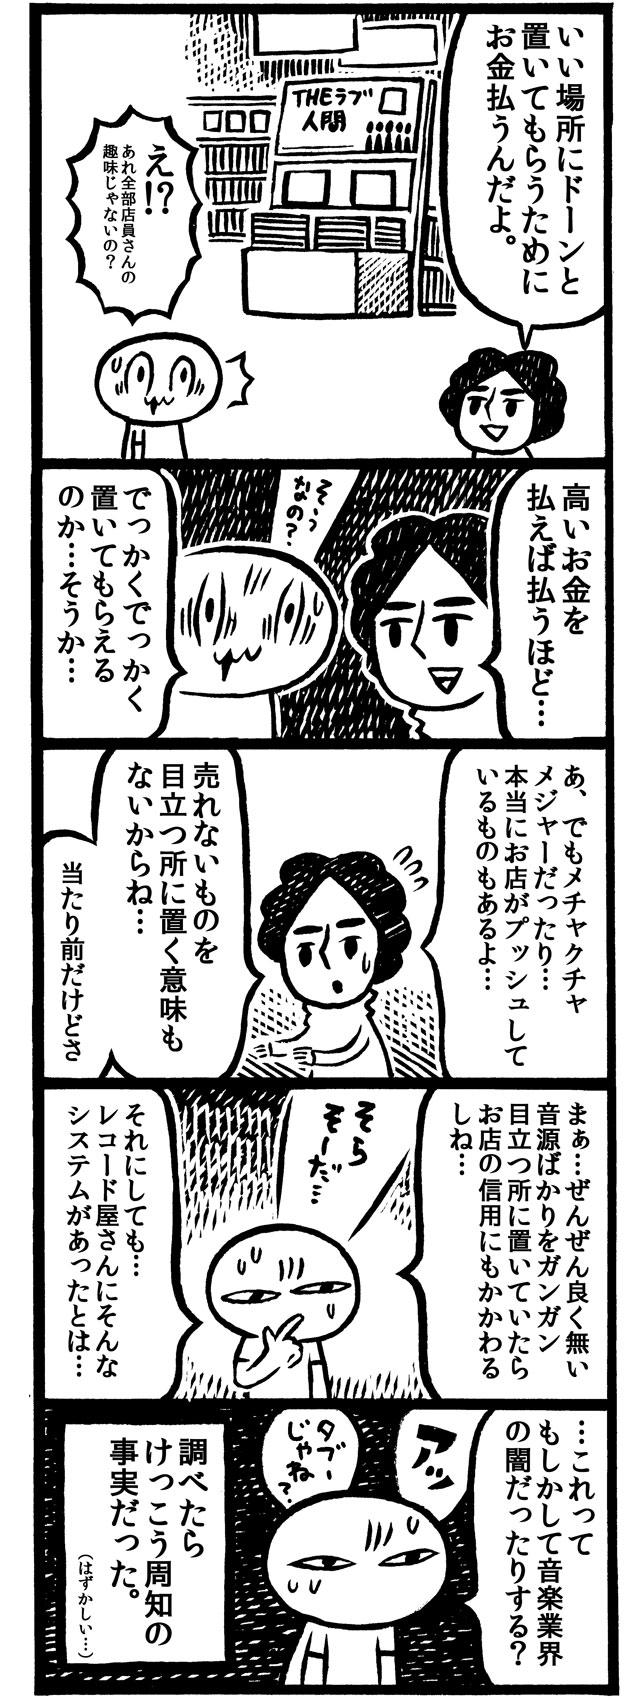 f:id:kakijiro:20160208133342j:plain